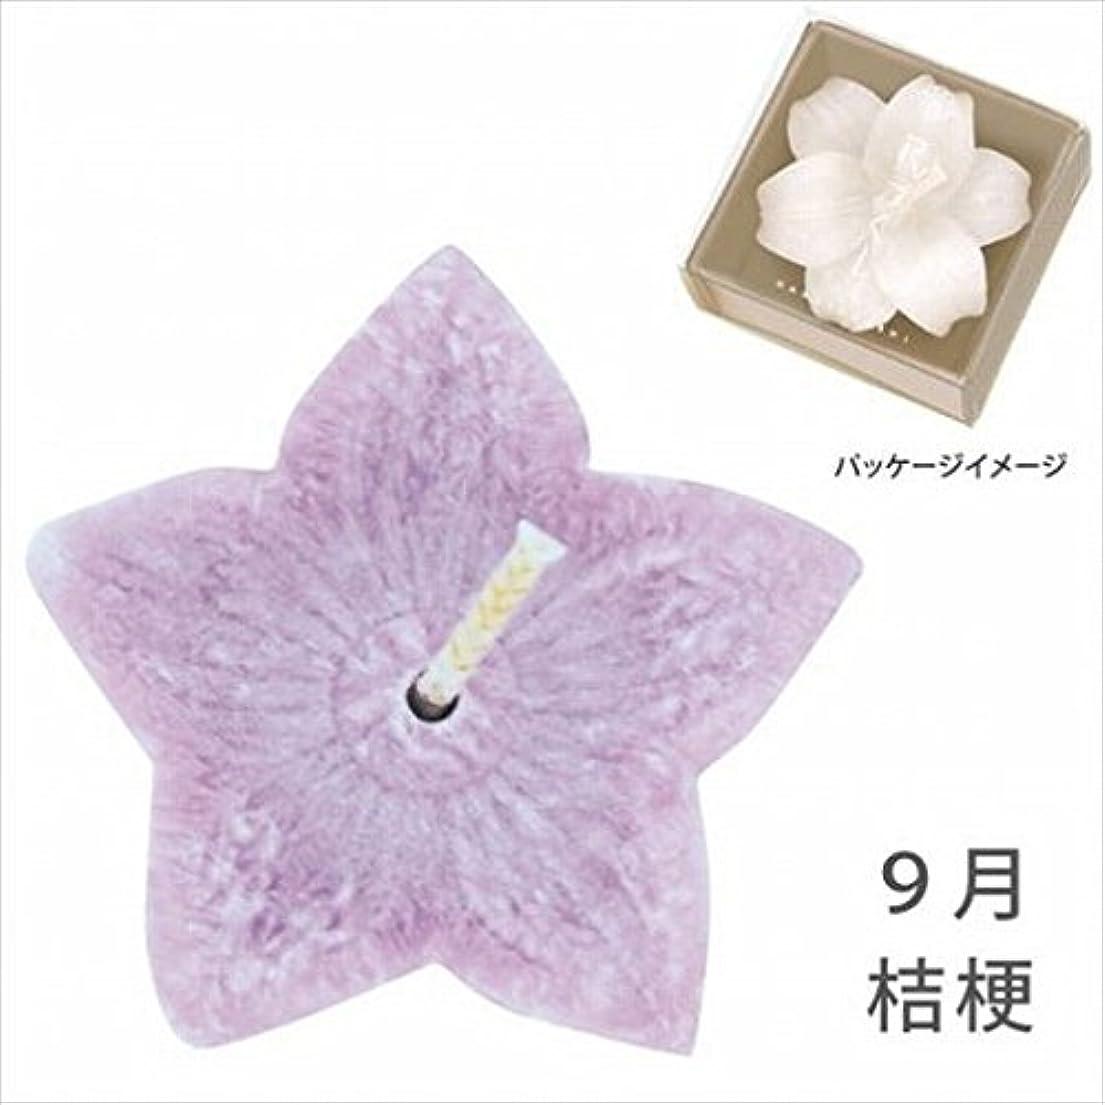 車コカイン拒絶kameyama candle(カメヤマキャンドル) 花づくし(植物性) 桔梗 「 桔梗(9月) 」 キャンドル(A4620510)